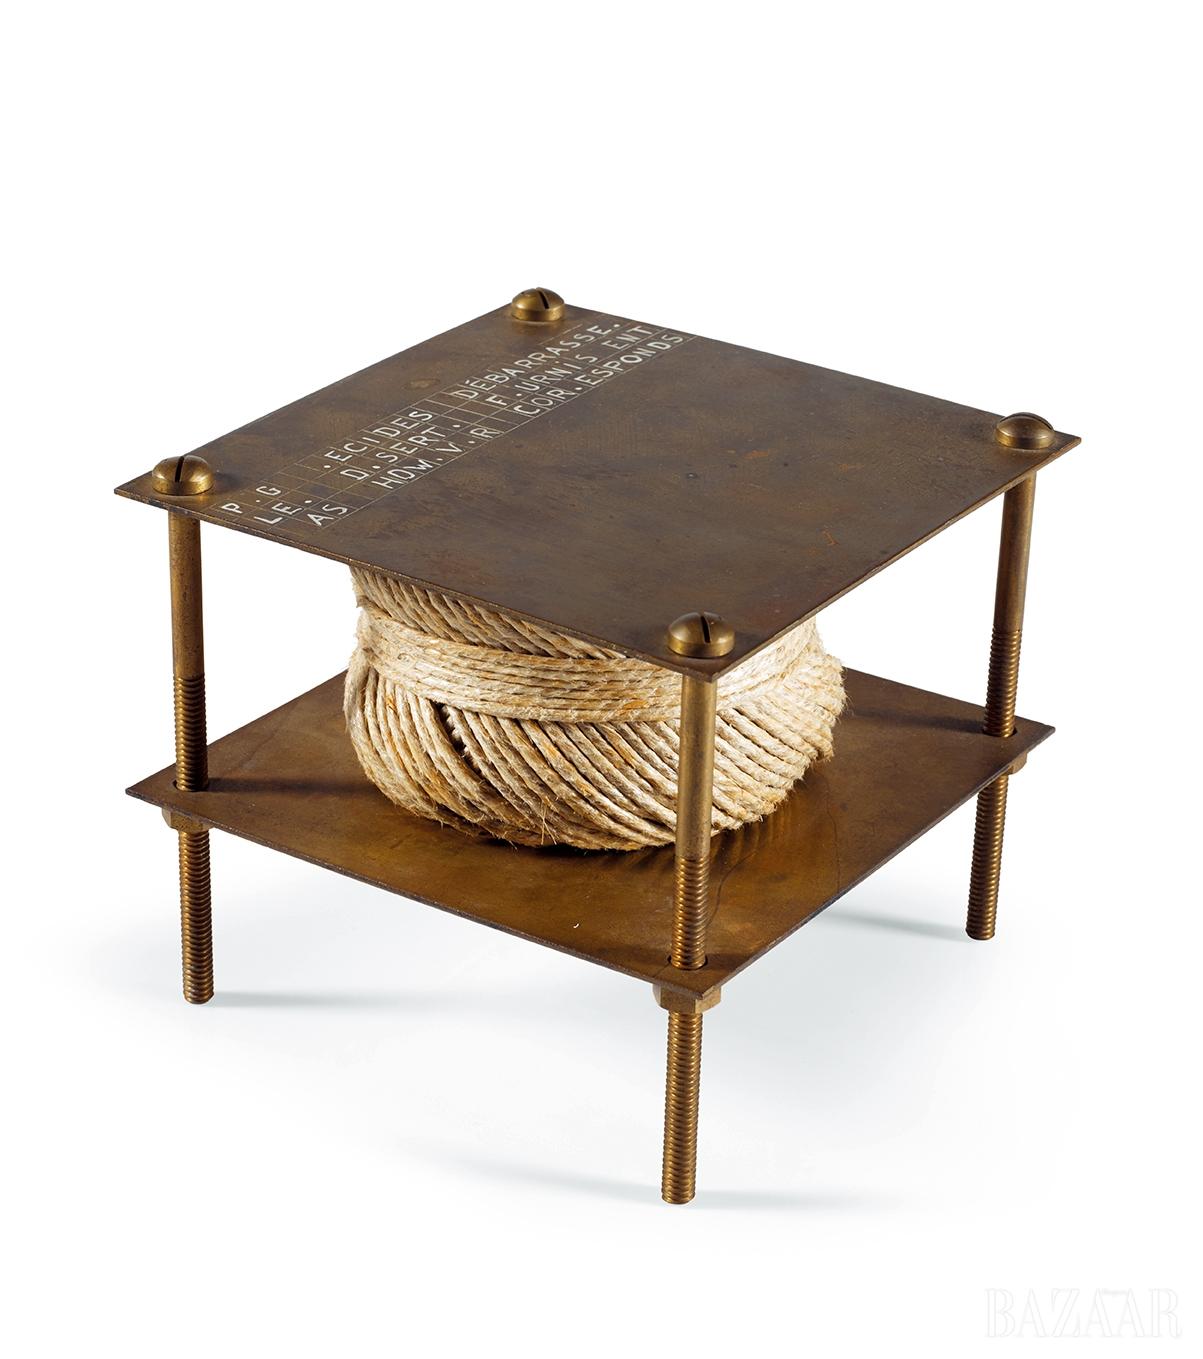 마르셸 뒤샹(Marcel Duchamp), 'A Bruit Secret', Bronze with Cotton Reel, otton Reel, 11cm, 1964